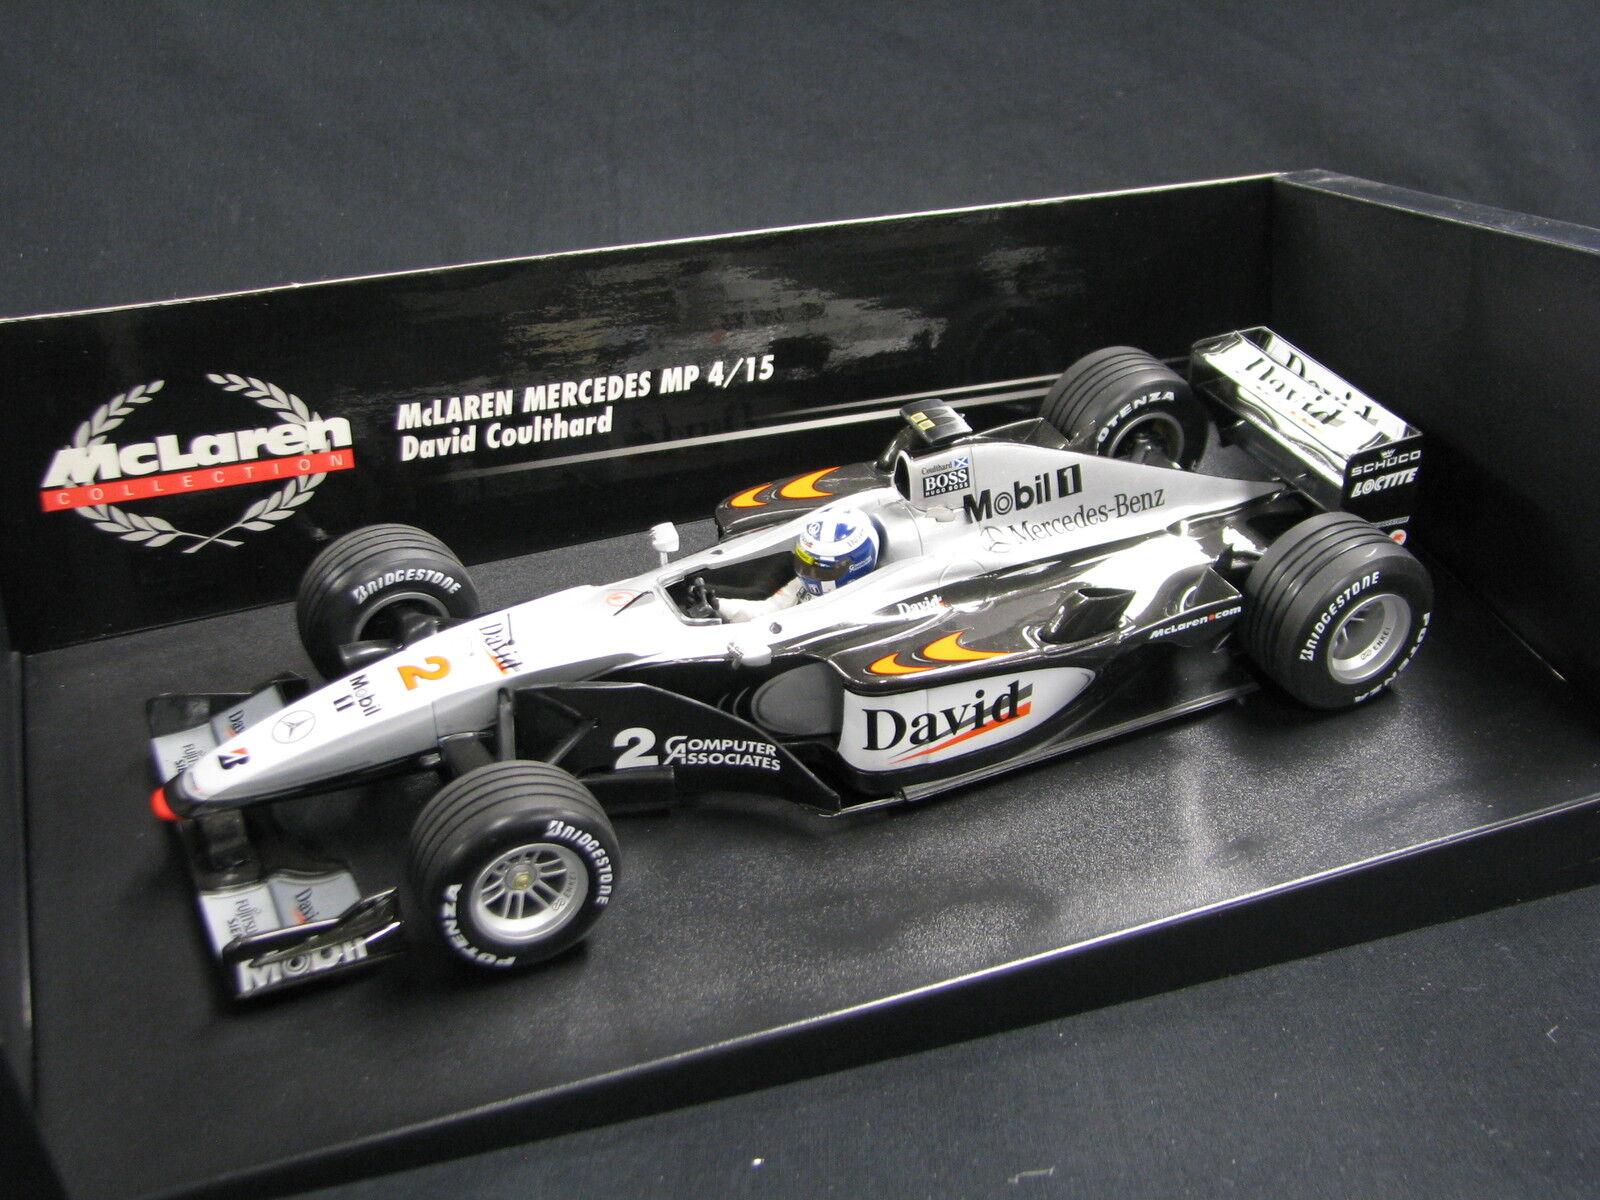 Minichamps McLaren Mercedes MP4 15 2000 1 18  2 David Coulthard (GBR (JS)